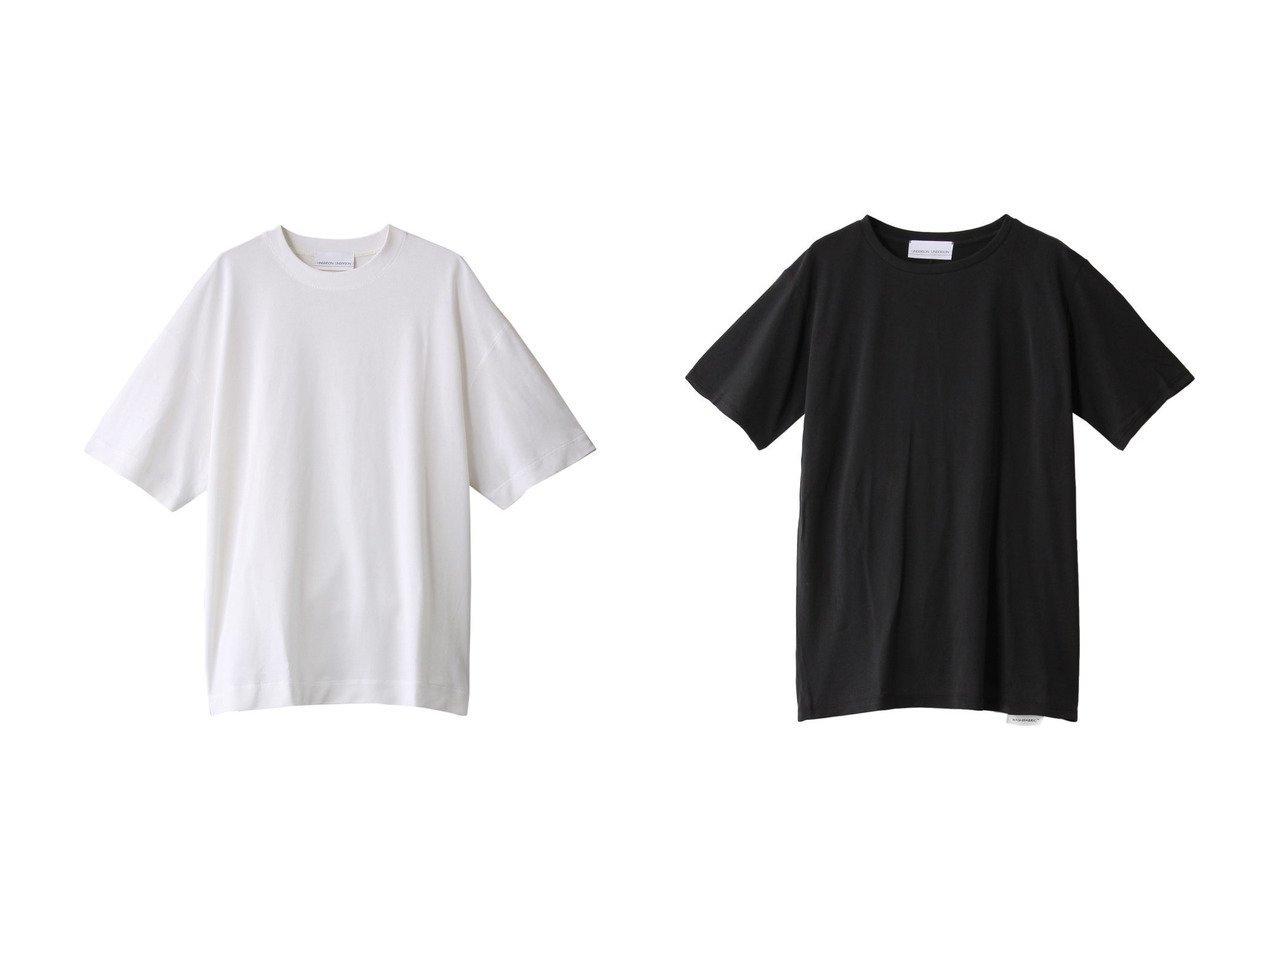 【UNDERSON UNDERSON / MEN/アンダーソン アンダーソン】の【MEN】フラットシームドロップショルダーT&【MEN】42ベーシッククルーTシャツ 【MEN】男性のおすすめ!人気、メンズファッションの通販 おすすめで人気のファッション通販商品 インテリア・家具・キッズファッション・メンズファッション・レディースファッション・服の通販 founy(ファニー) https://founy.com/ ファッション Fashion メンズ MEN トップス Tops Tshirt Men シャツ Shirts ショート シンプル スリーブ フラット 半袖 |ID:crp329100000005219